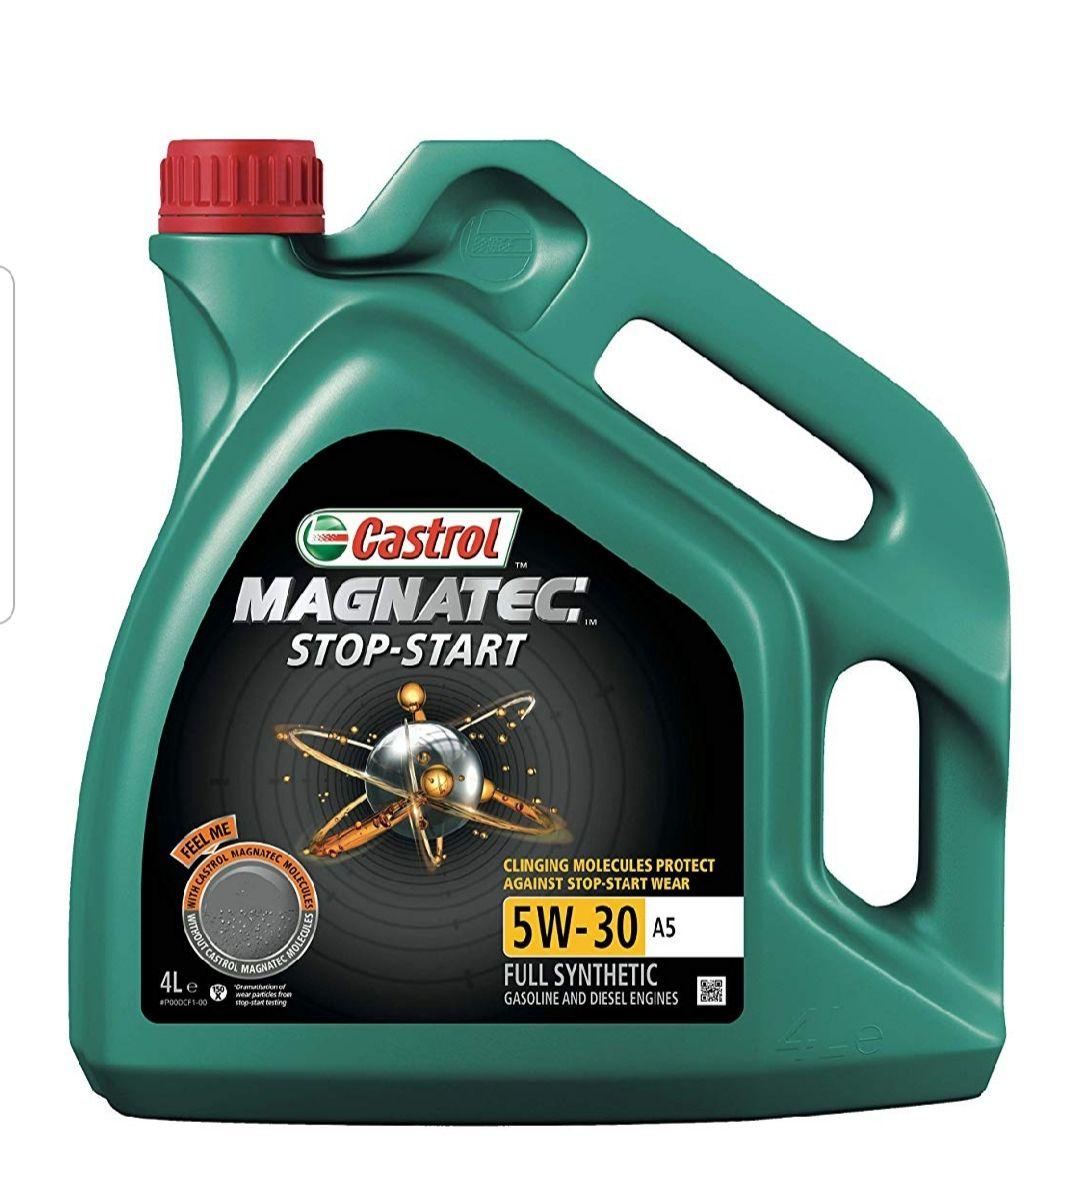 Castrol 15990F Magnatec Stop-Start Engine Oil 5W-30 A5, 4L £17 + £4.49 delivery (Non Prime) @ Amazon